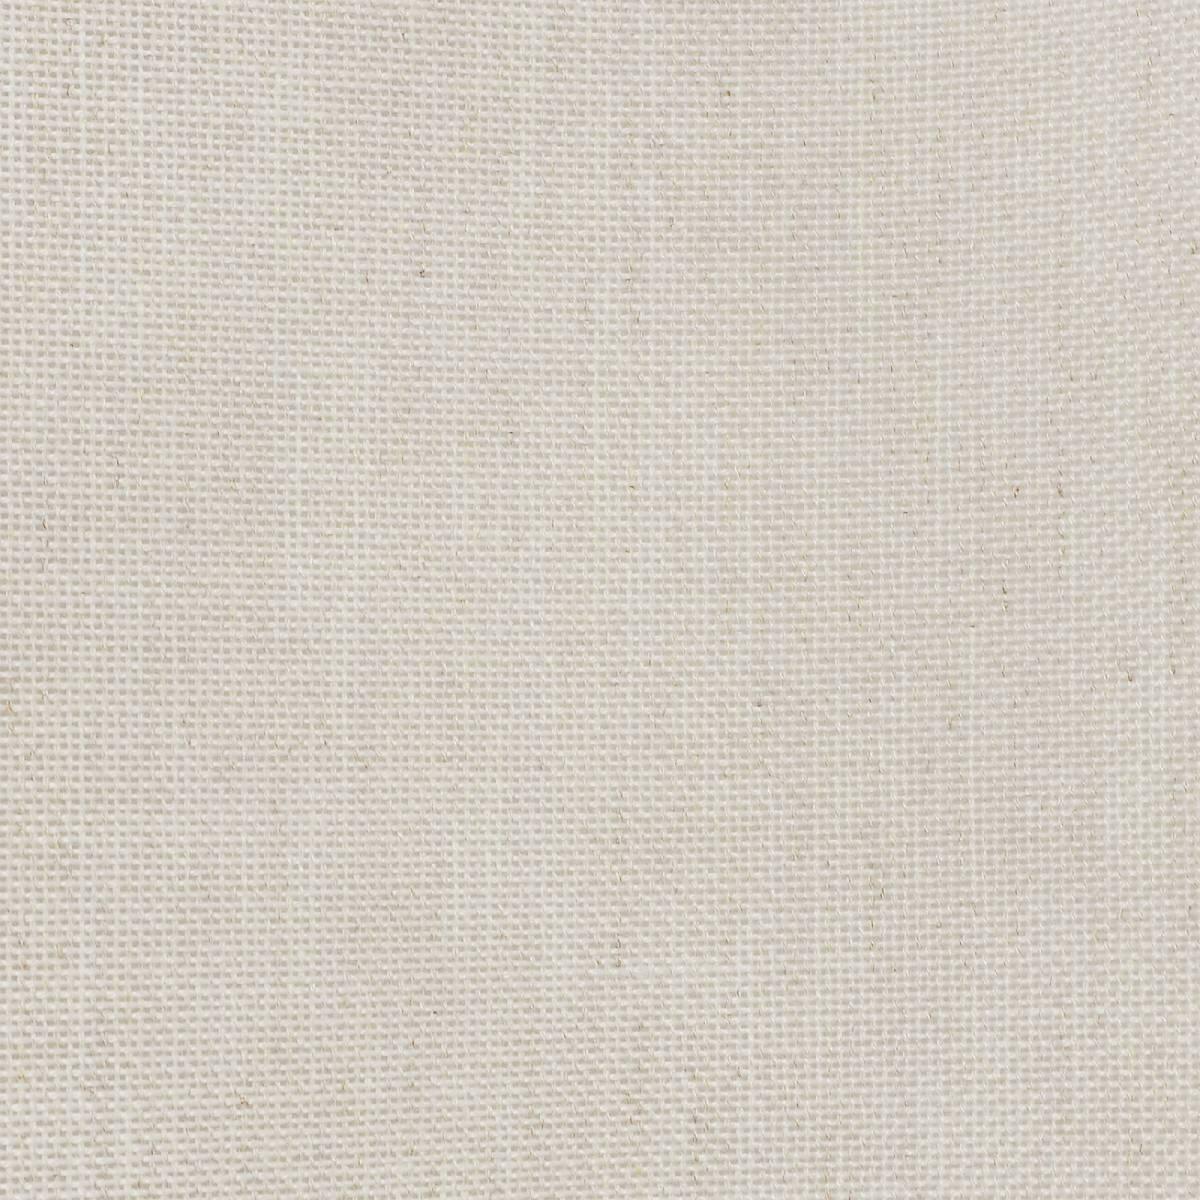 Tenda a pacchetto Maruxa beige 135x175 cm - 2